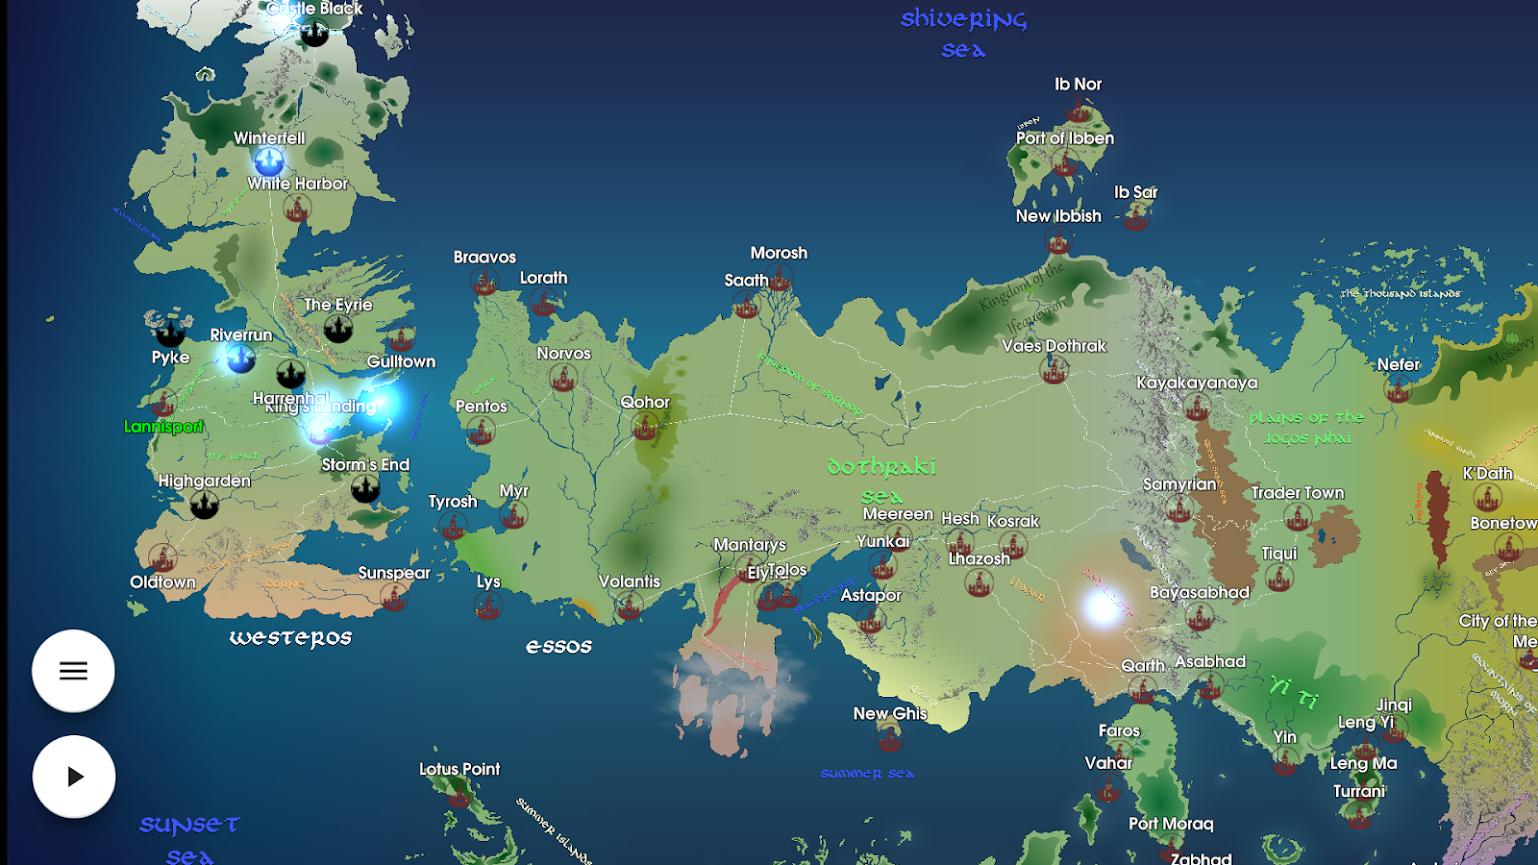 Las mejores apps y juegos de Juego de Tronos para Android